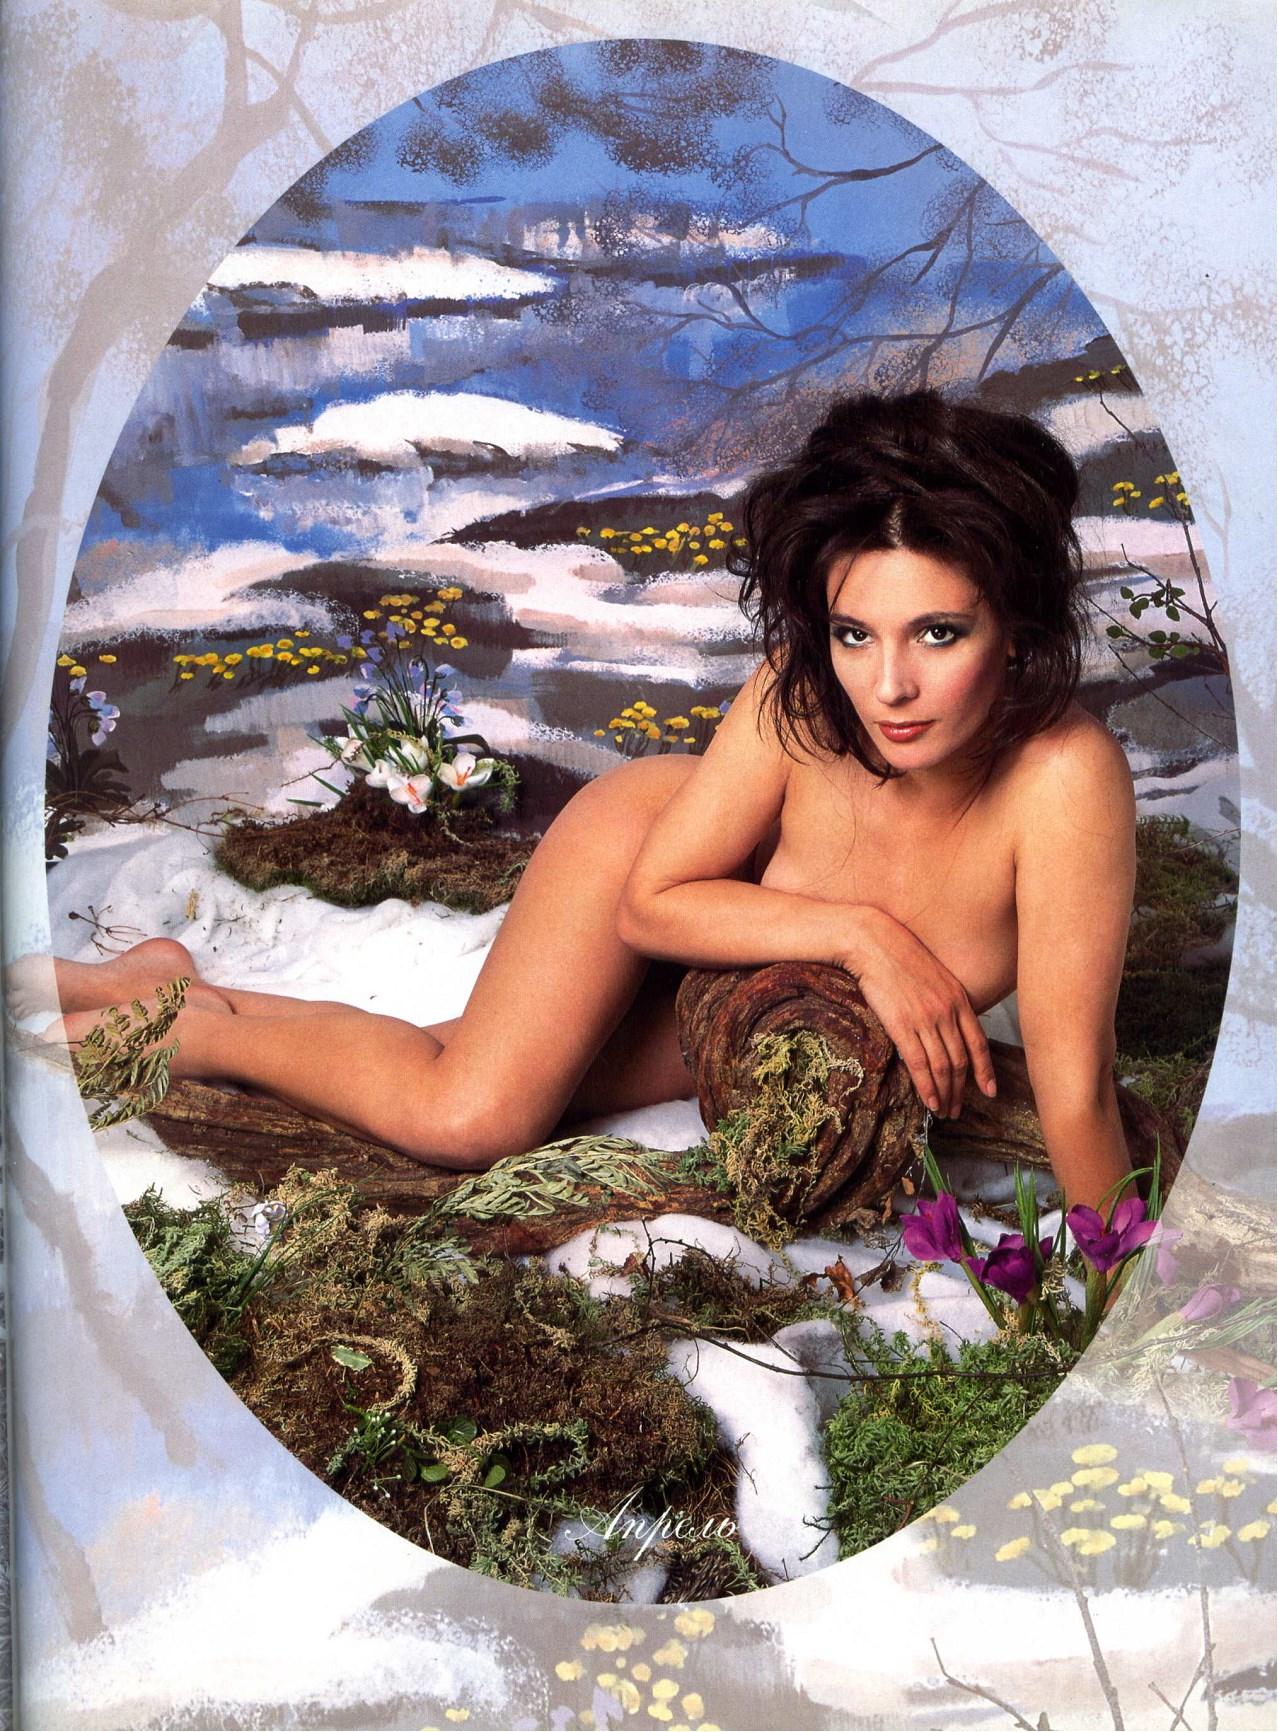 Лидия Вележева голая (Караван Историй, январь 2003)